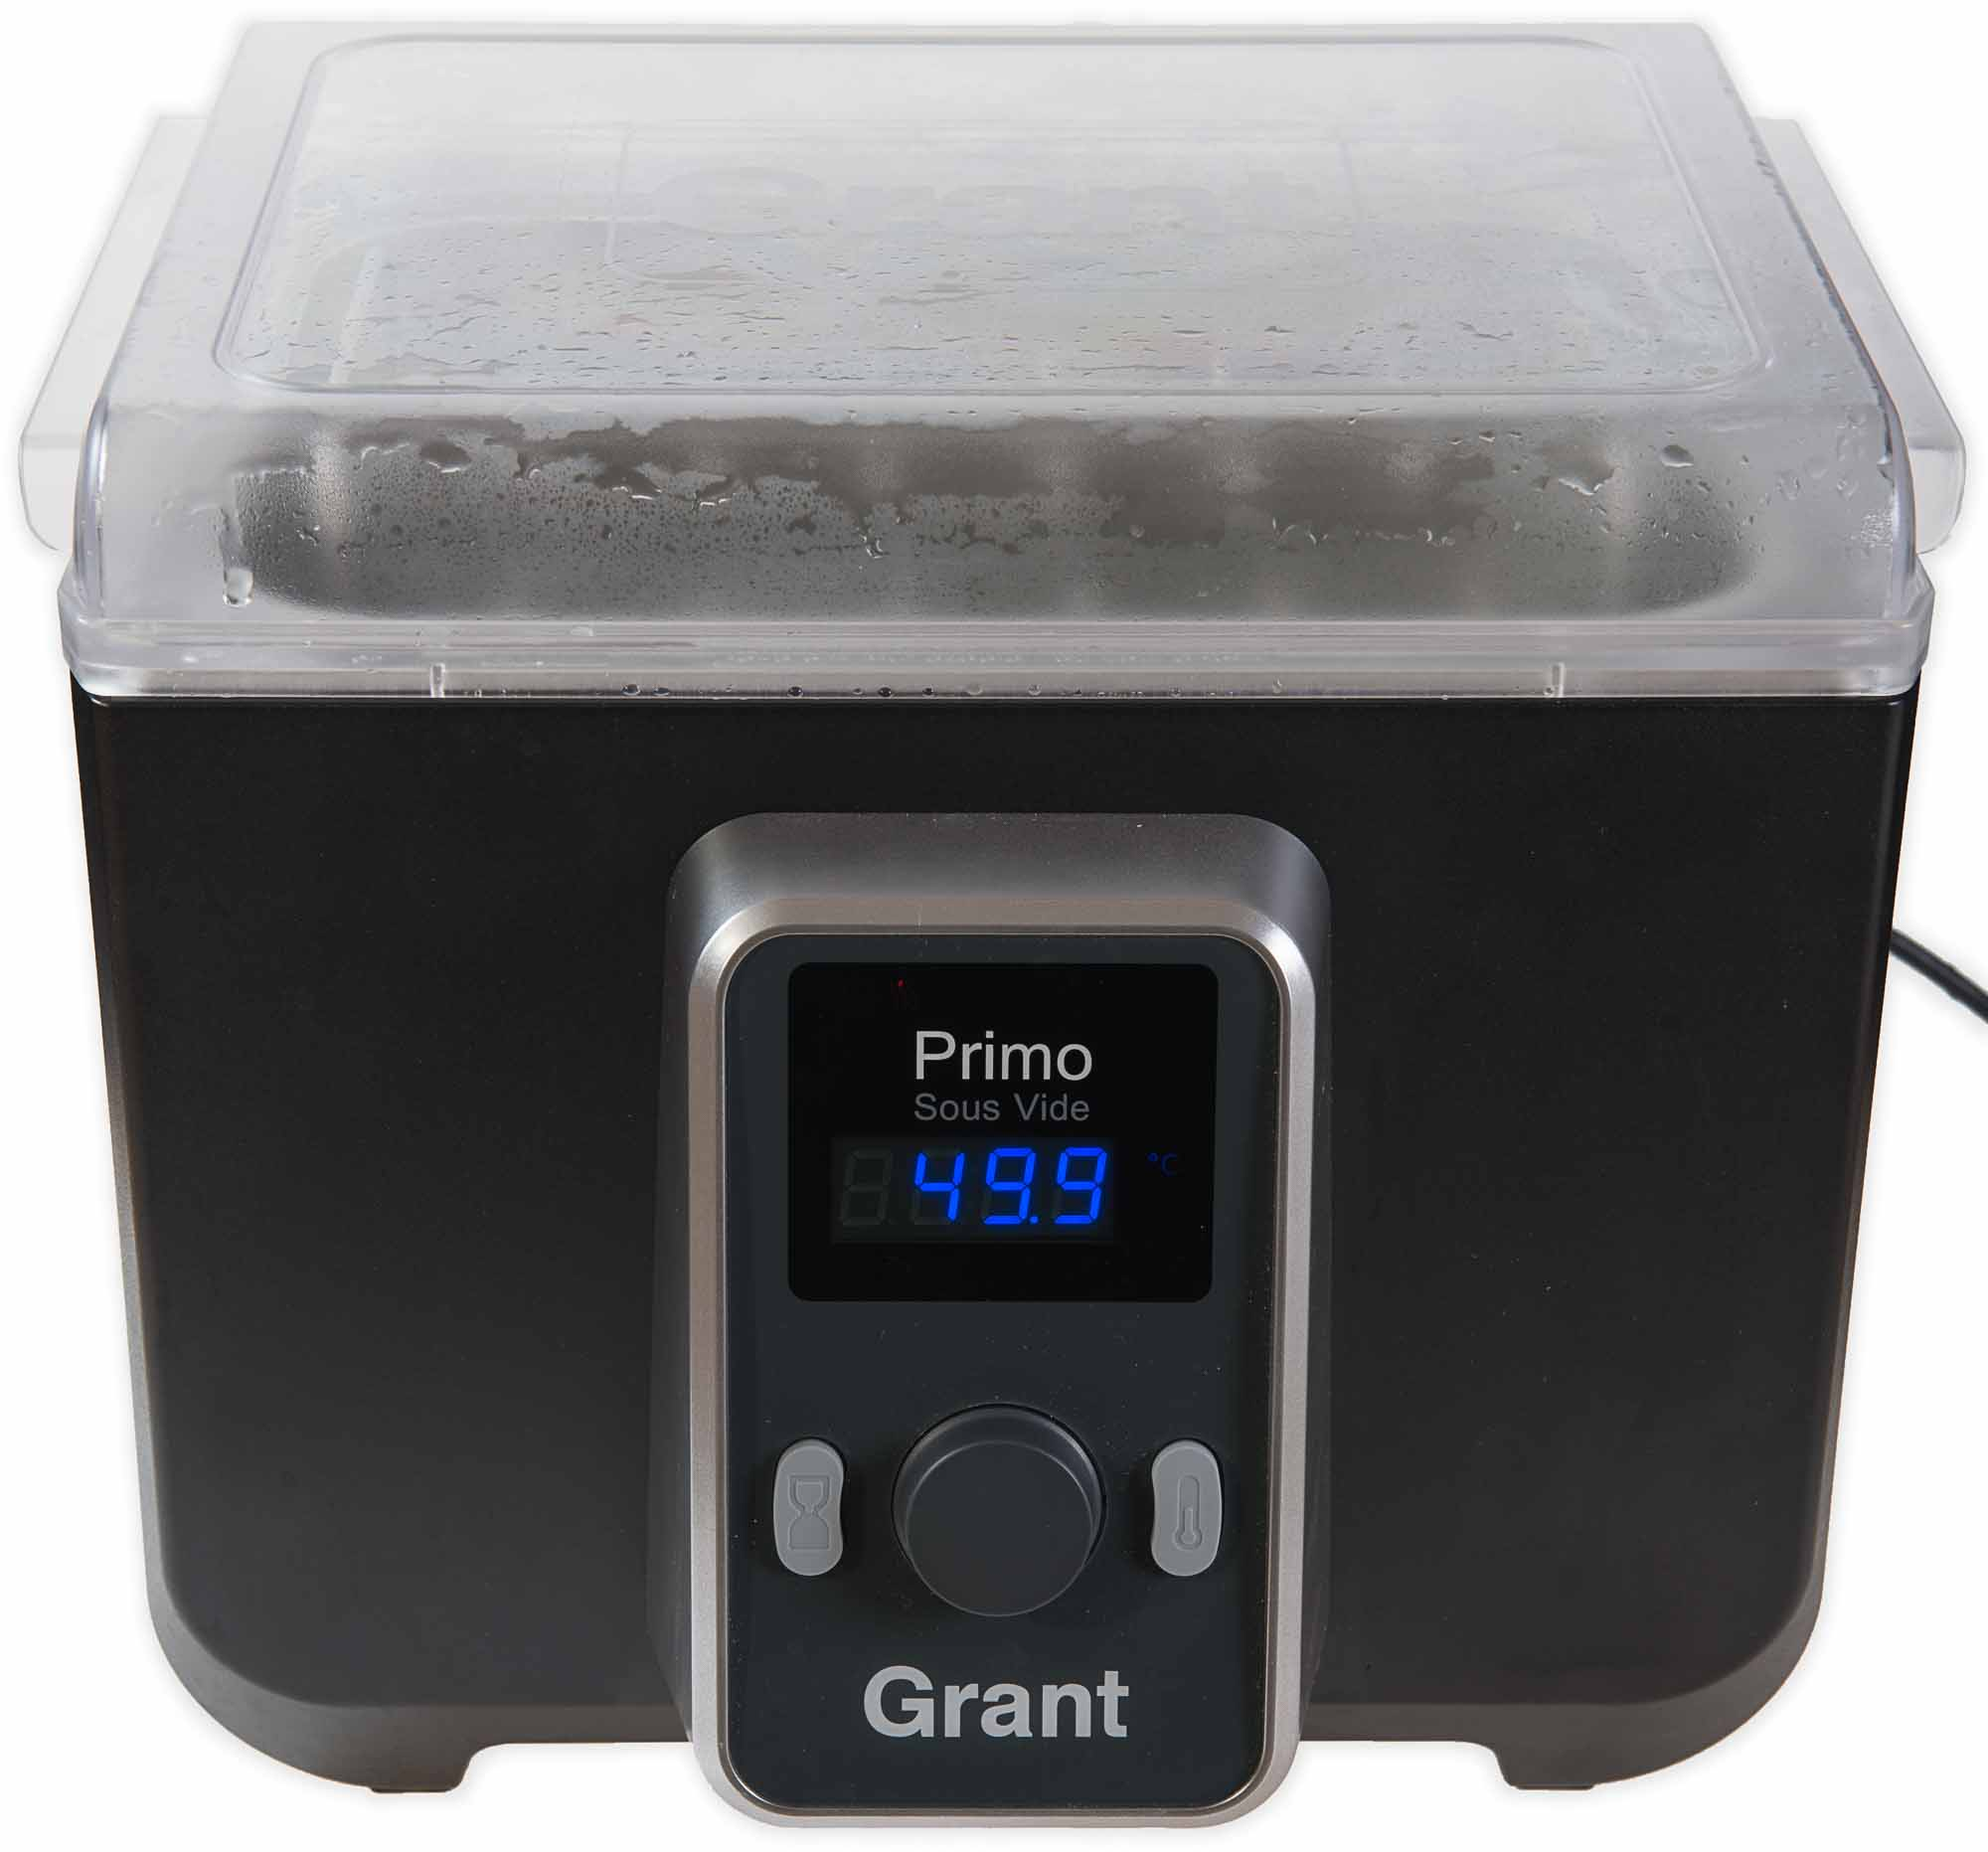 grant_primo_01